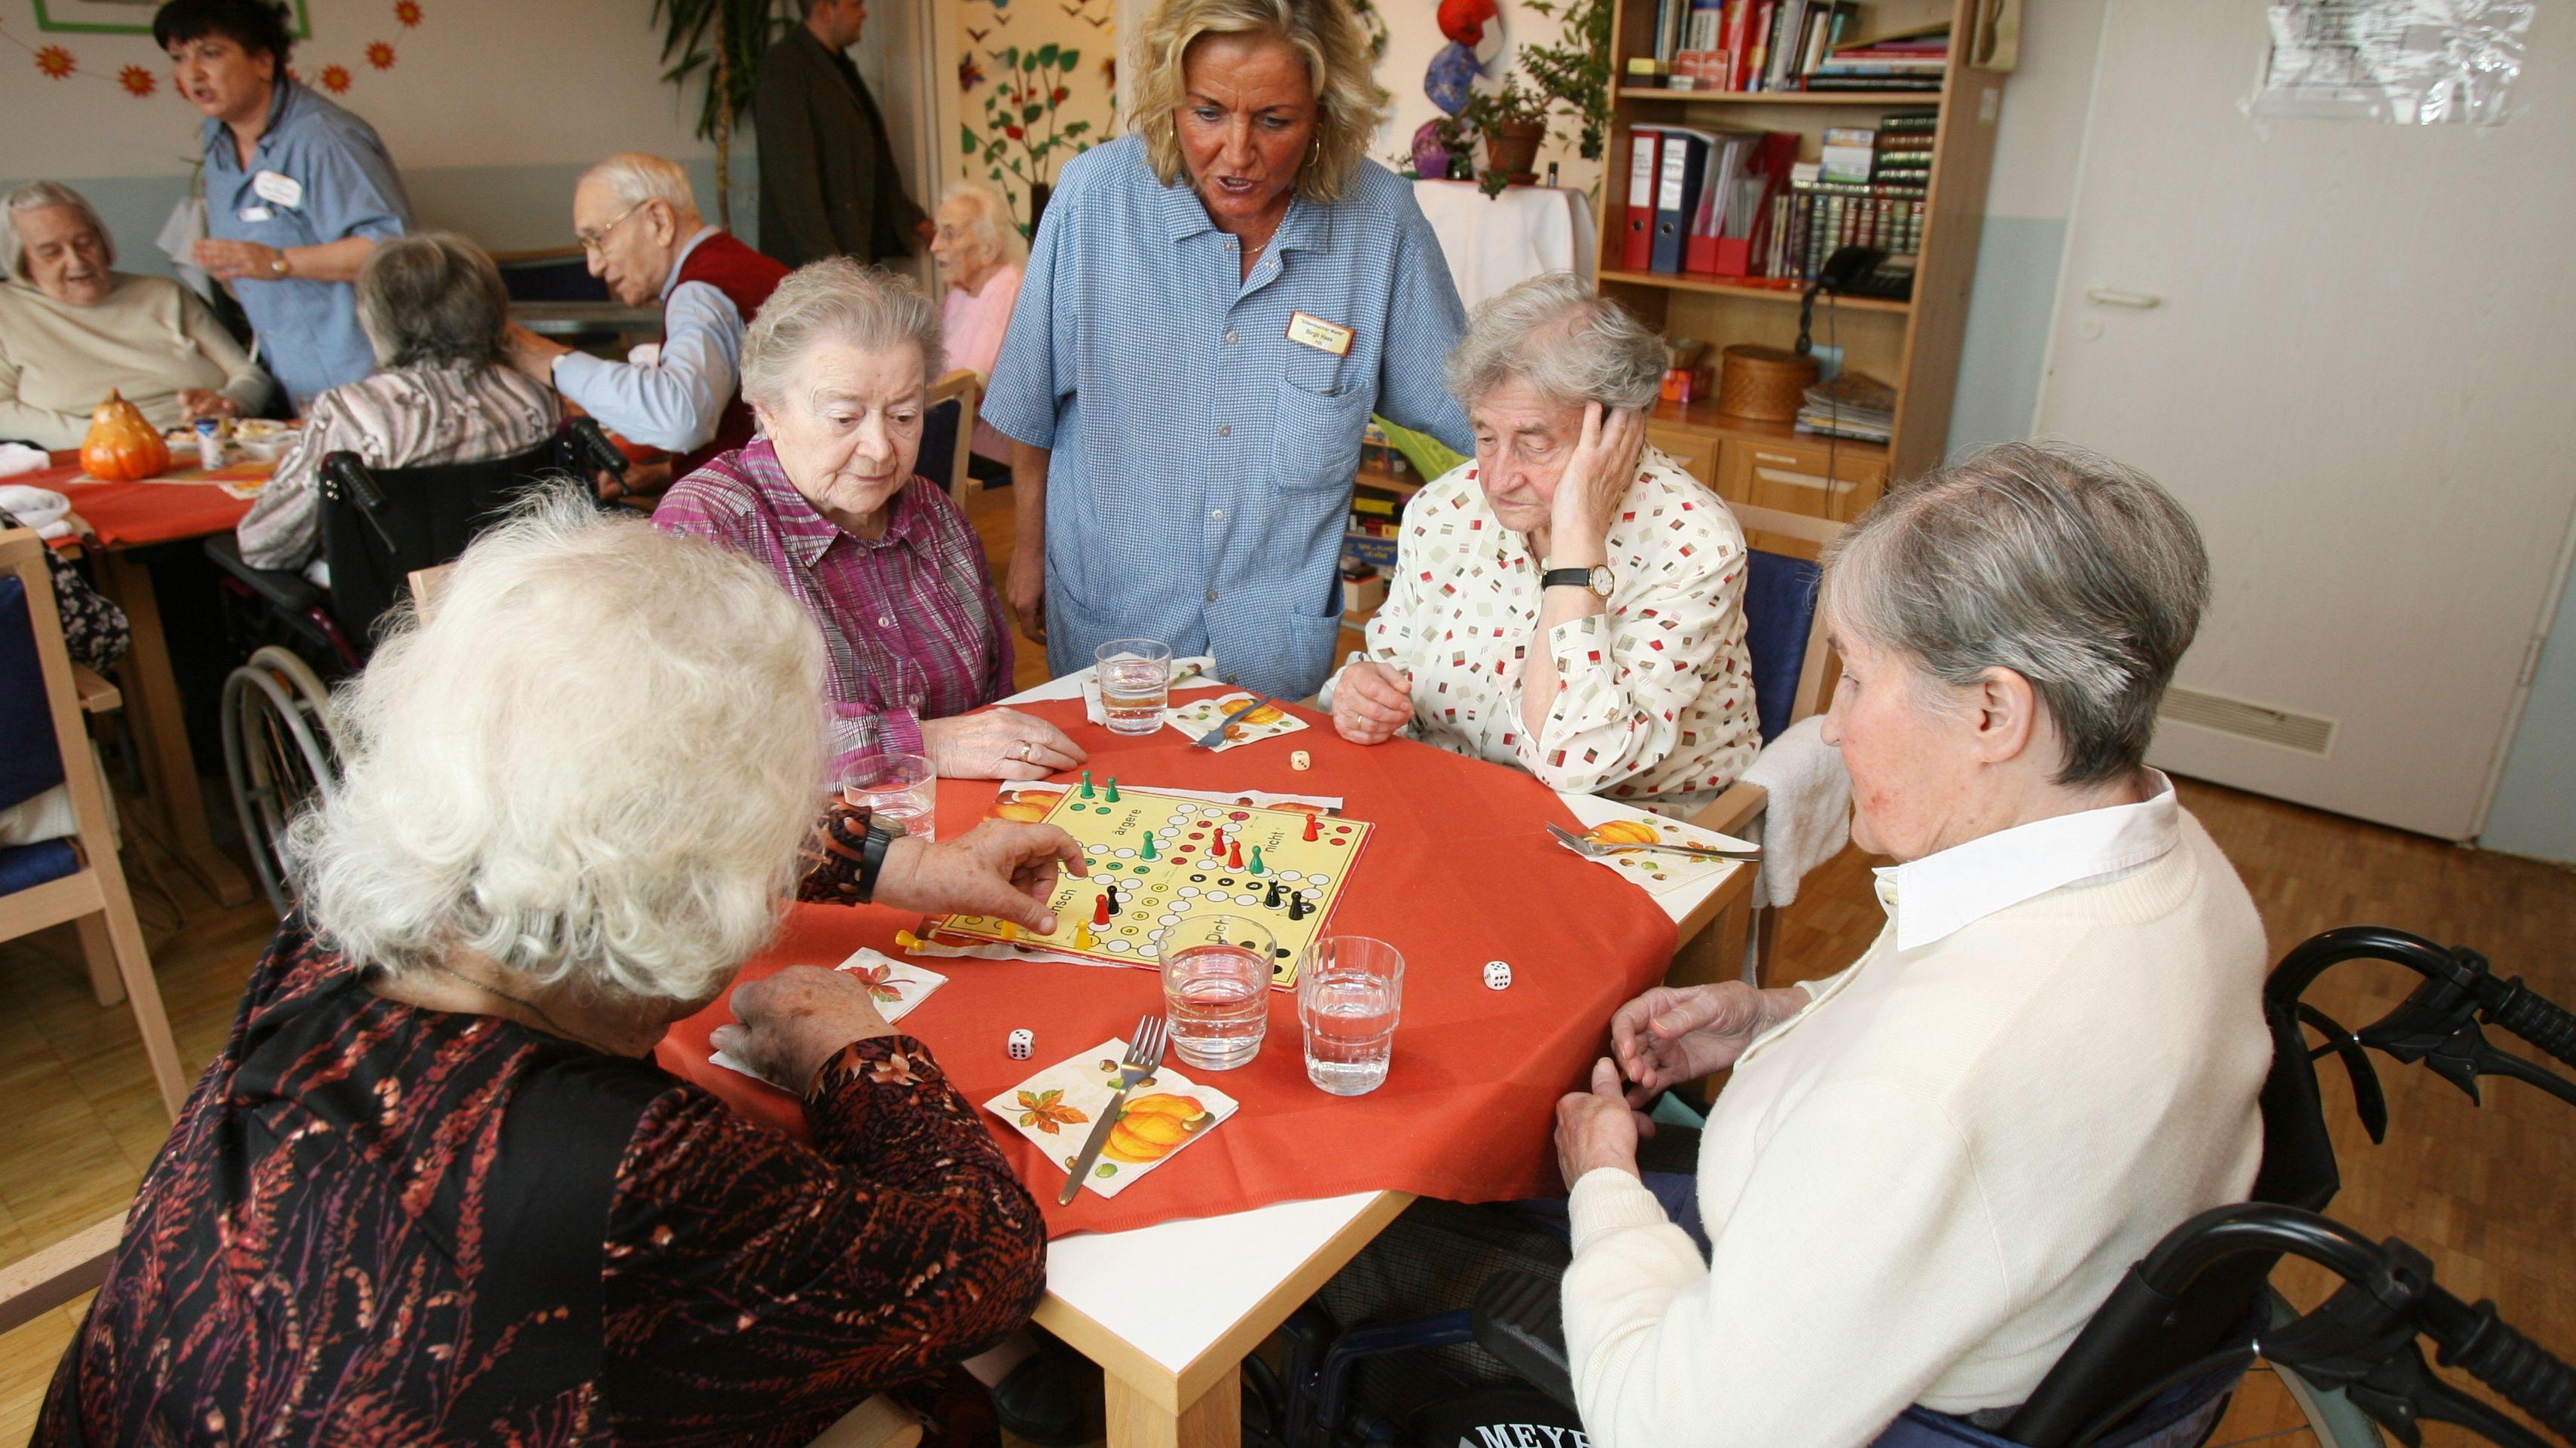 Senioren an einem Tisch und spielen ein Brettspiel.